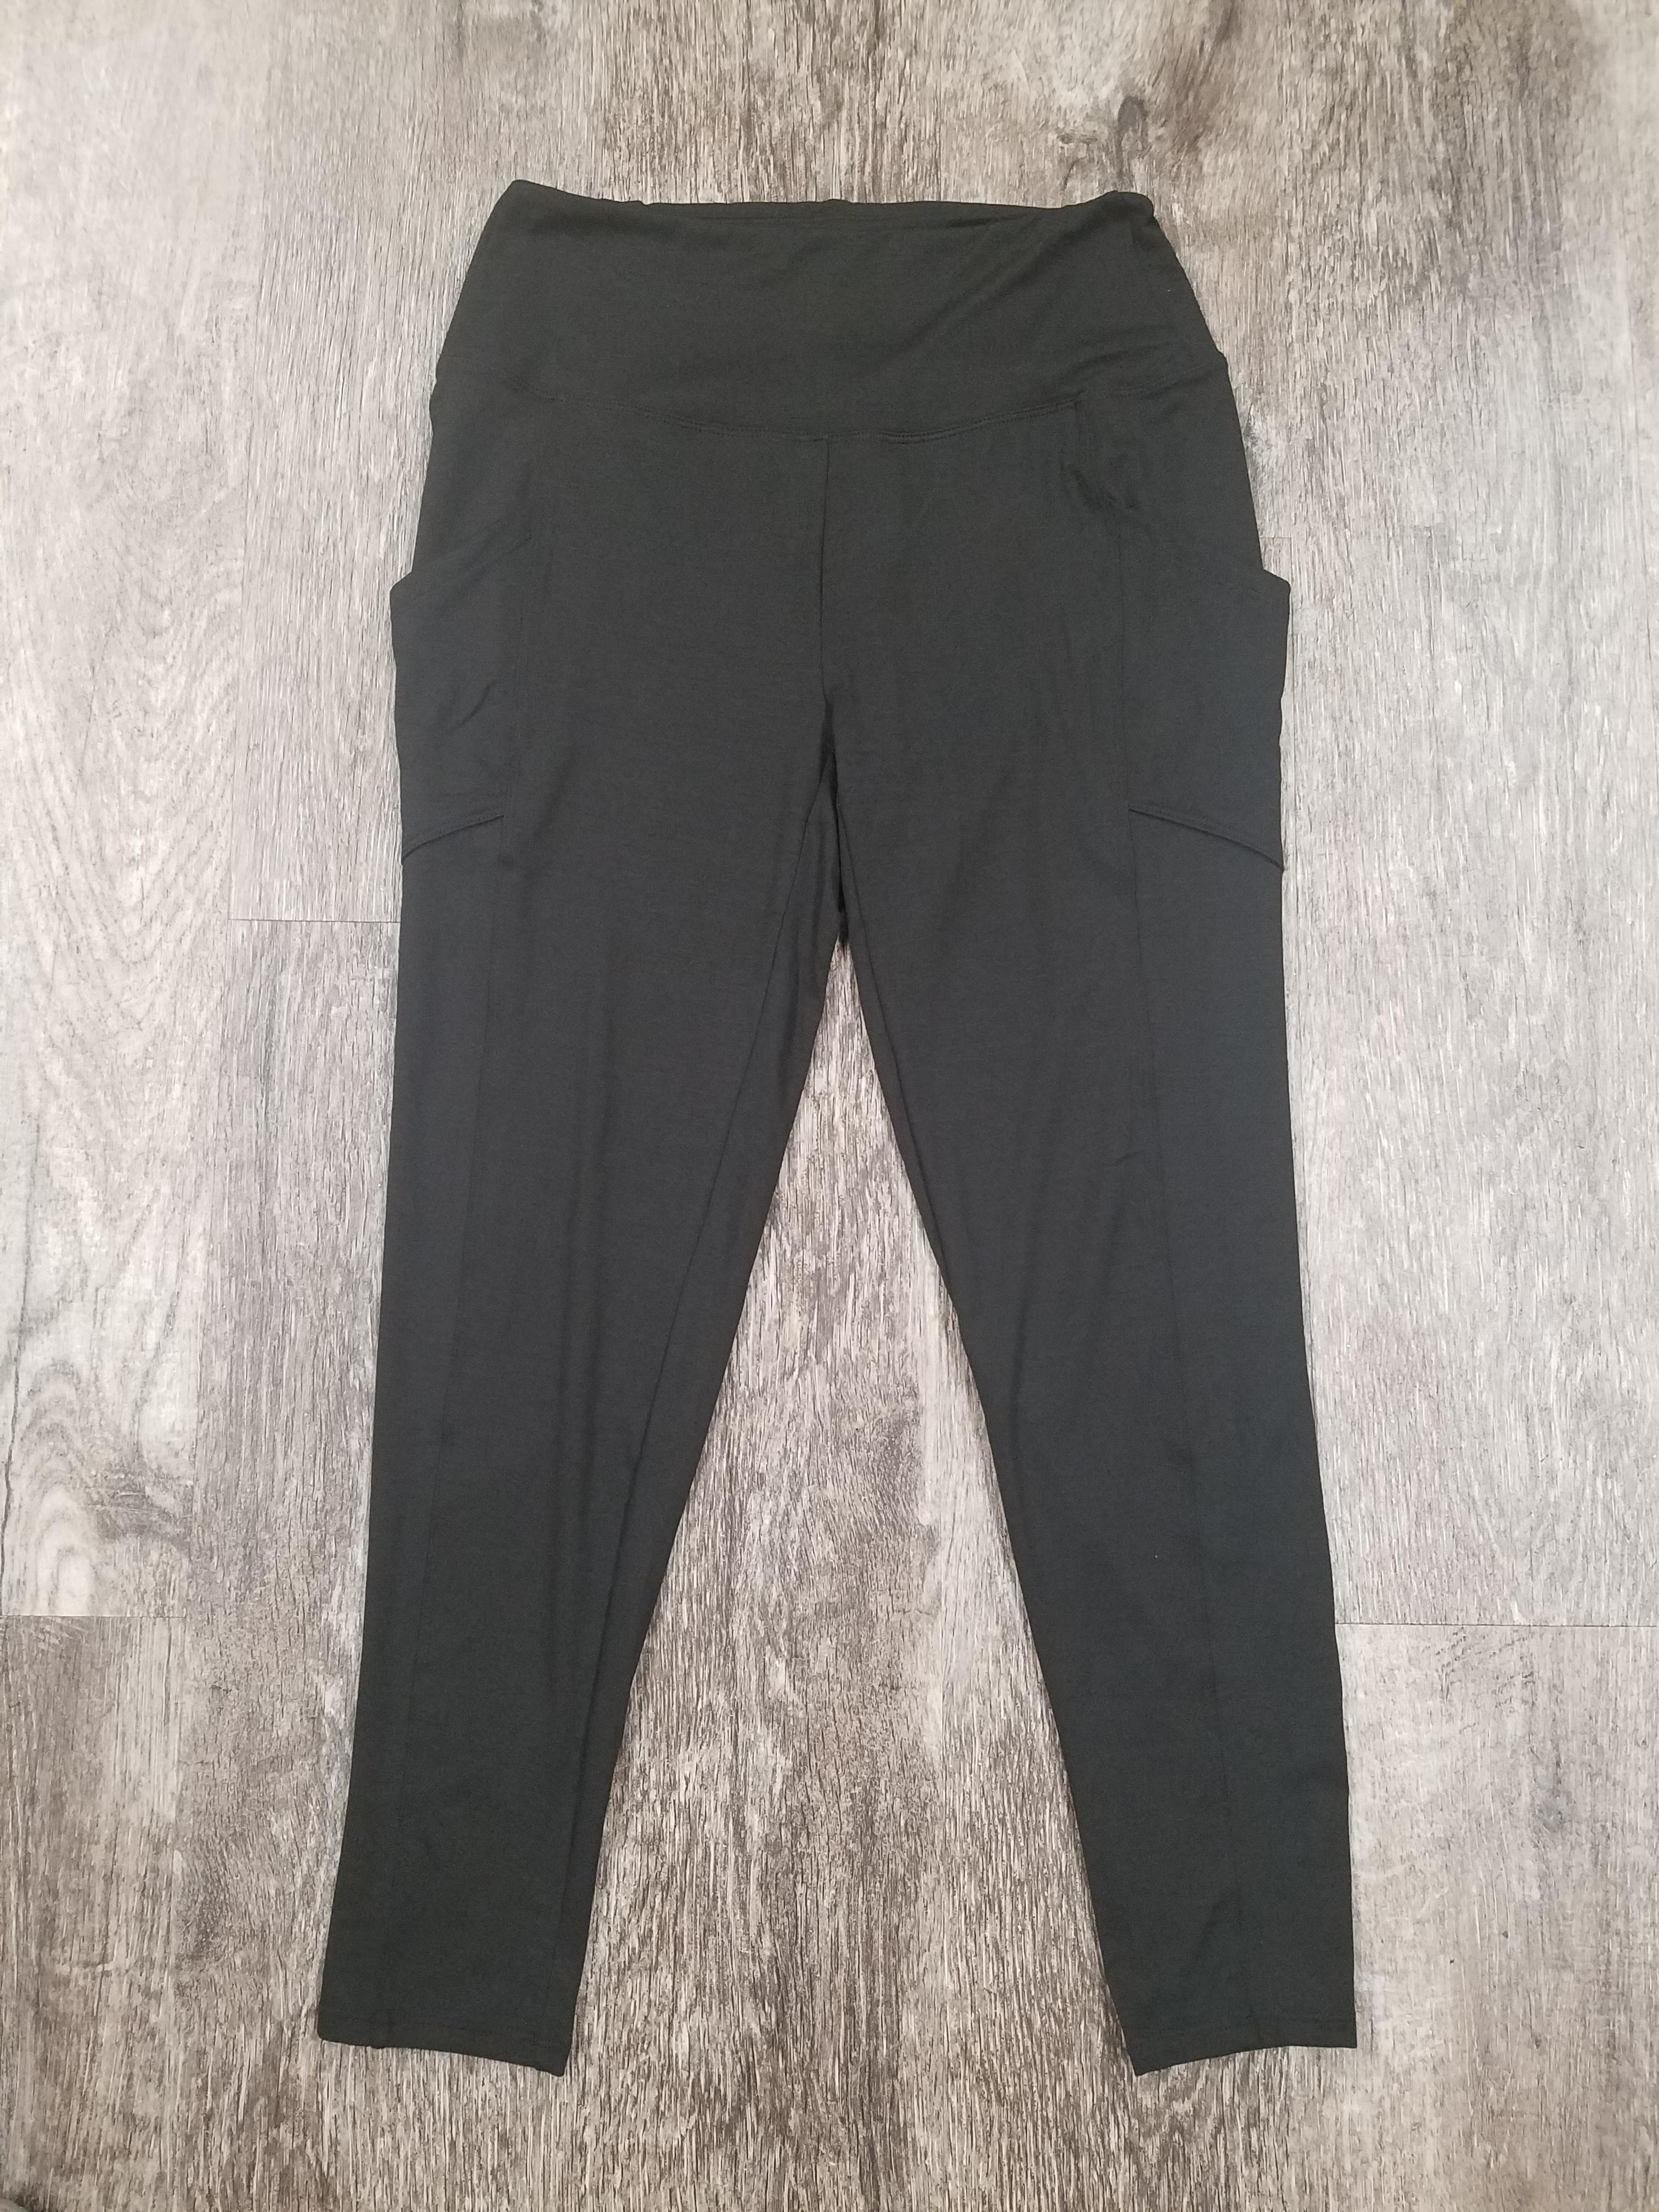 Black Side Pocket Legging *Curvy Approved*